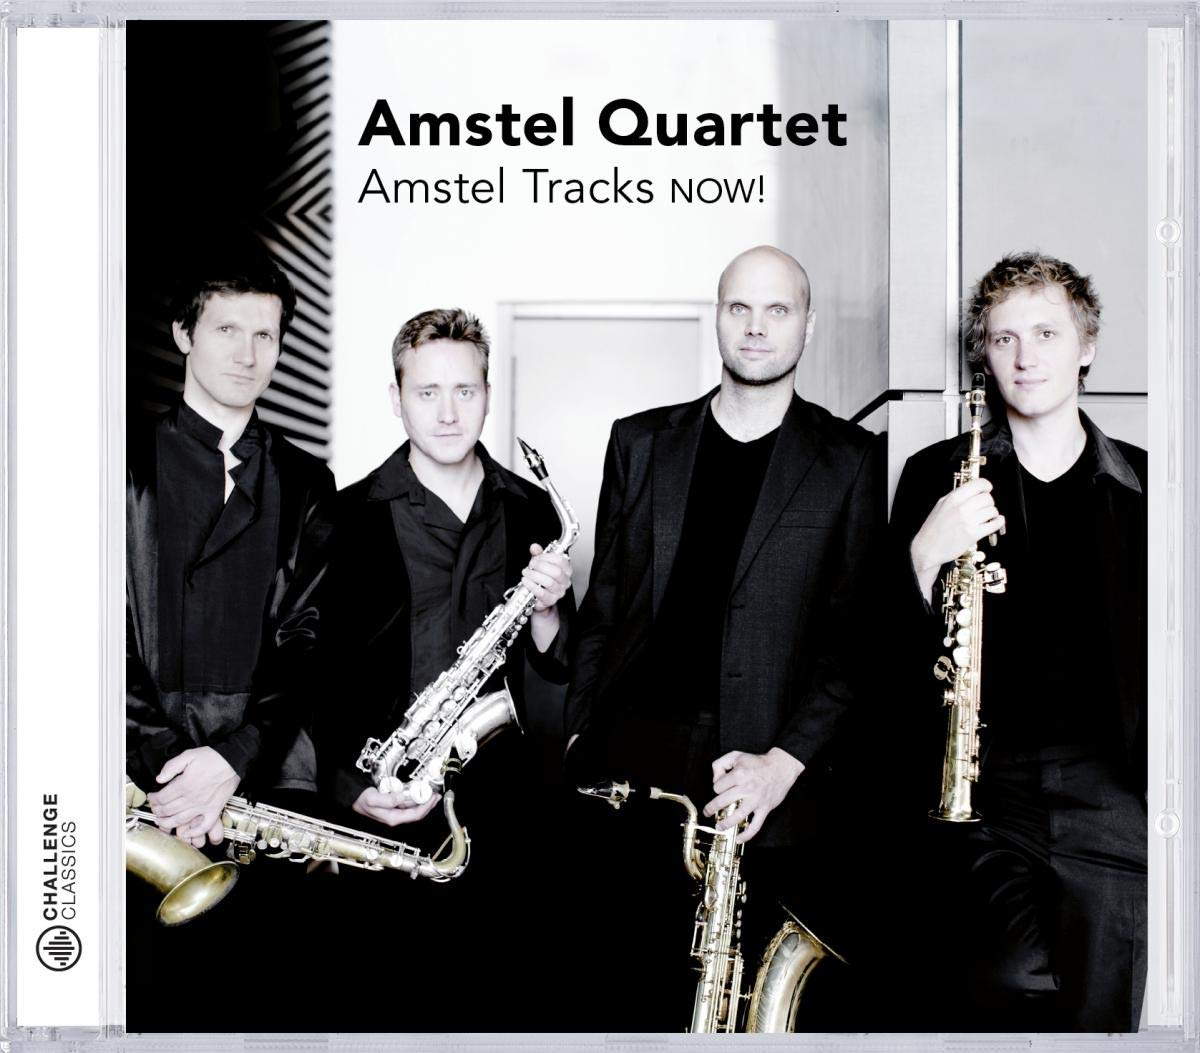 Amstel Tracks Now! Quatuor de saxophones.